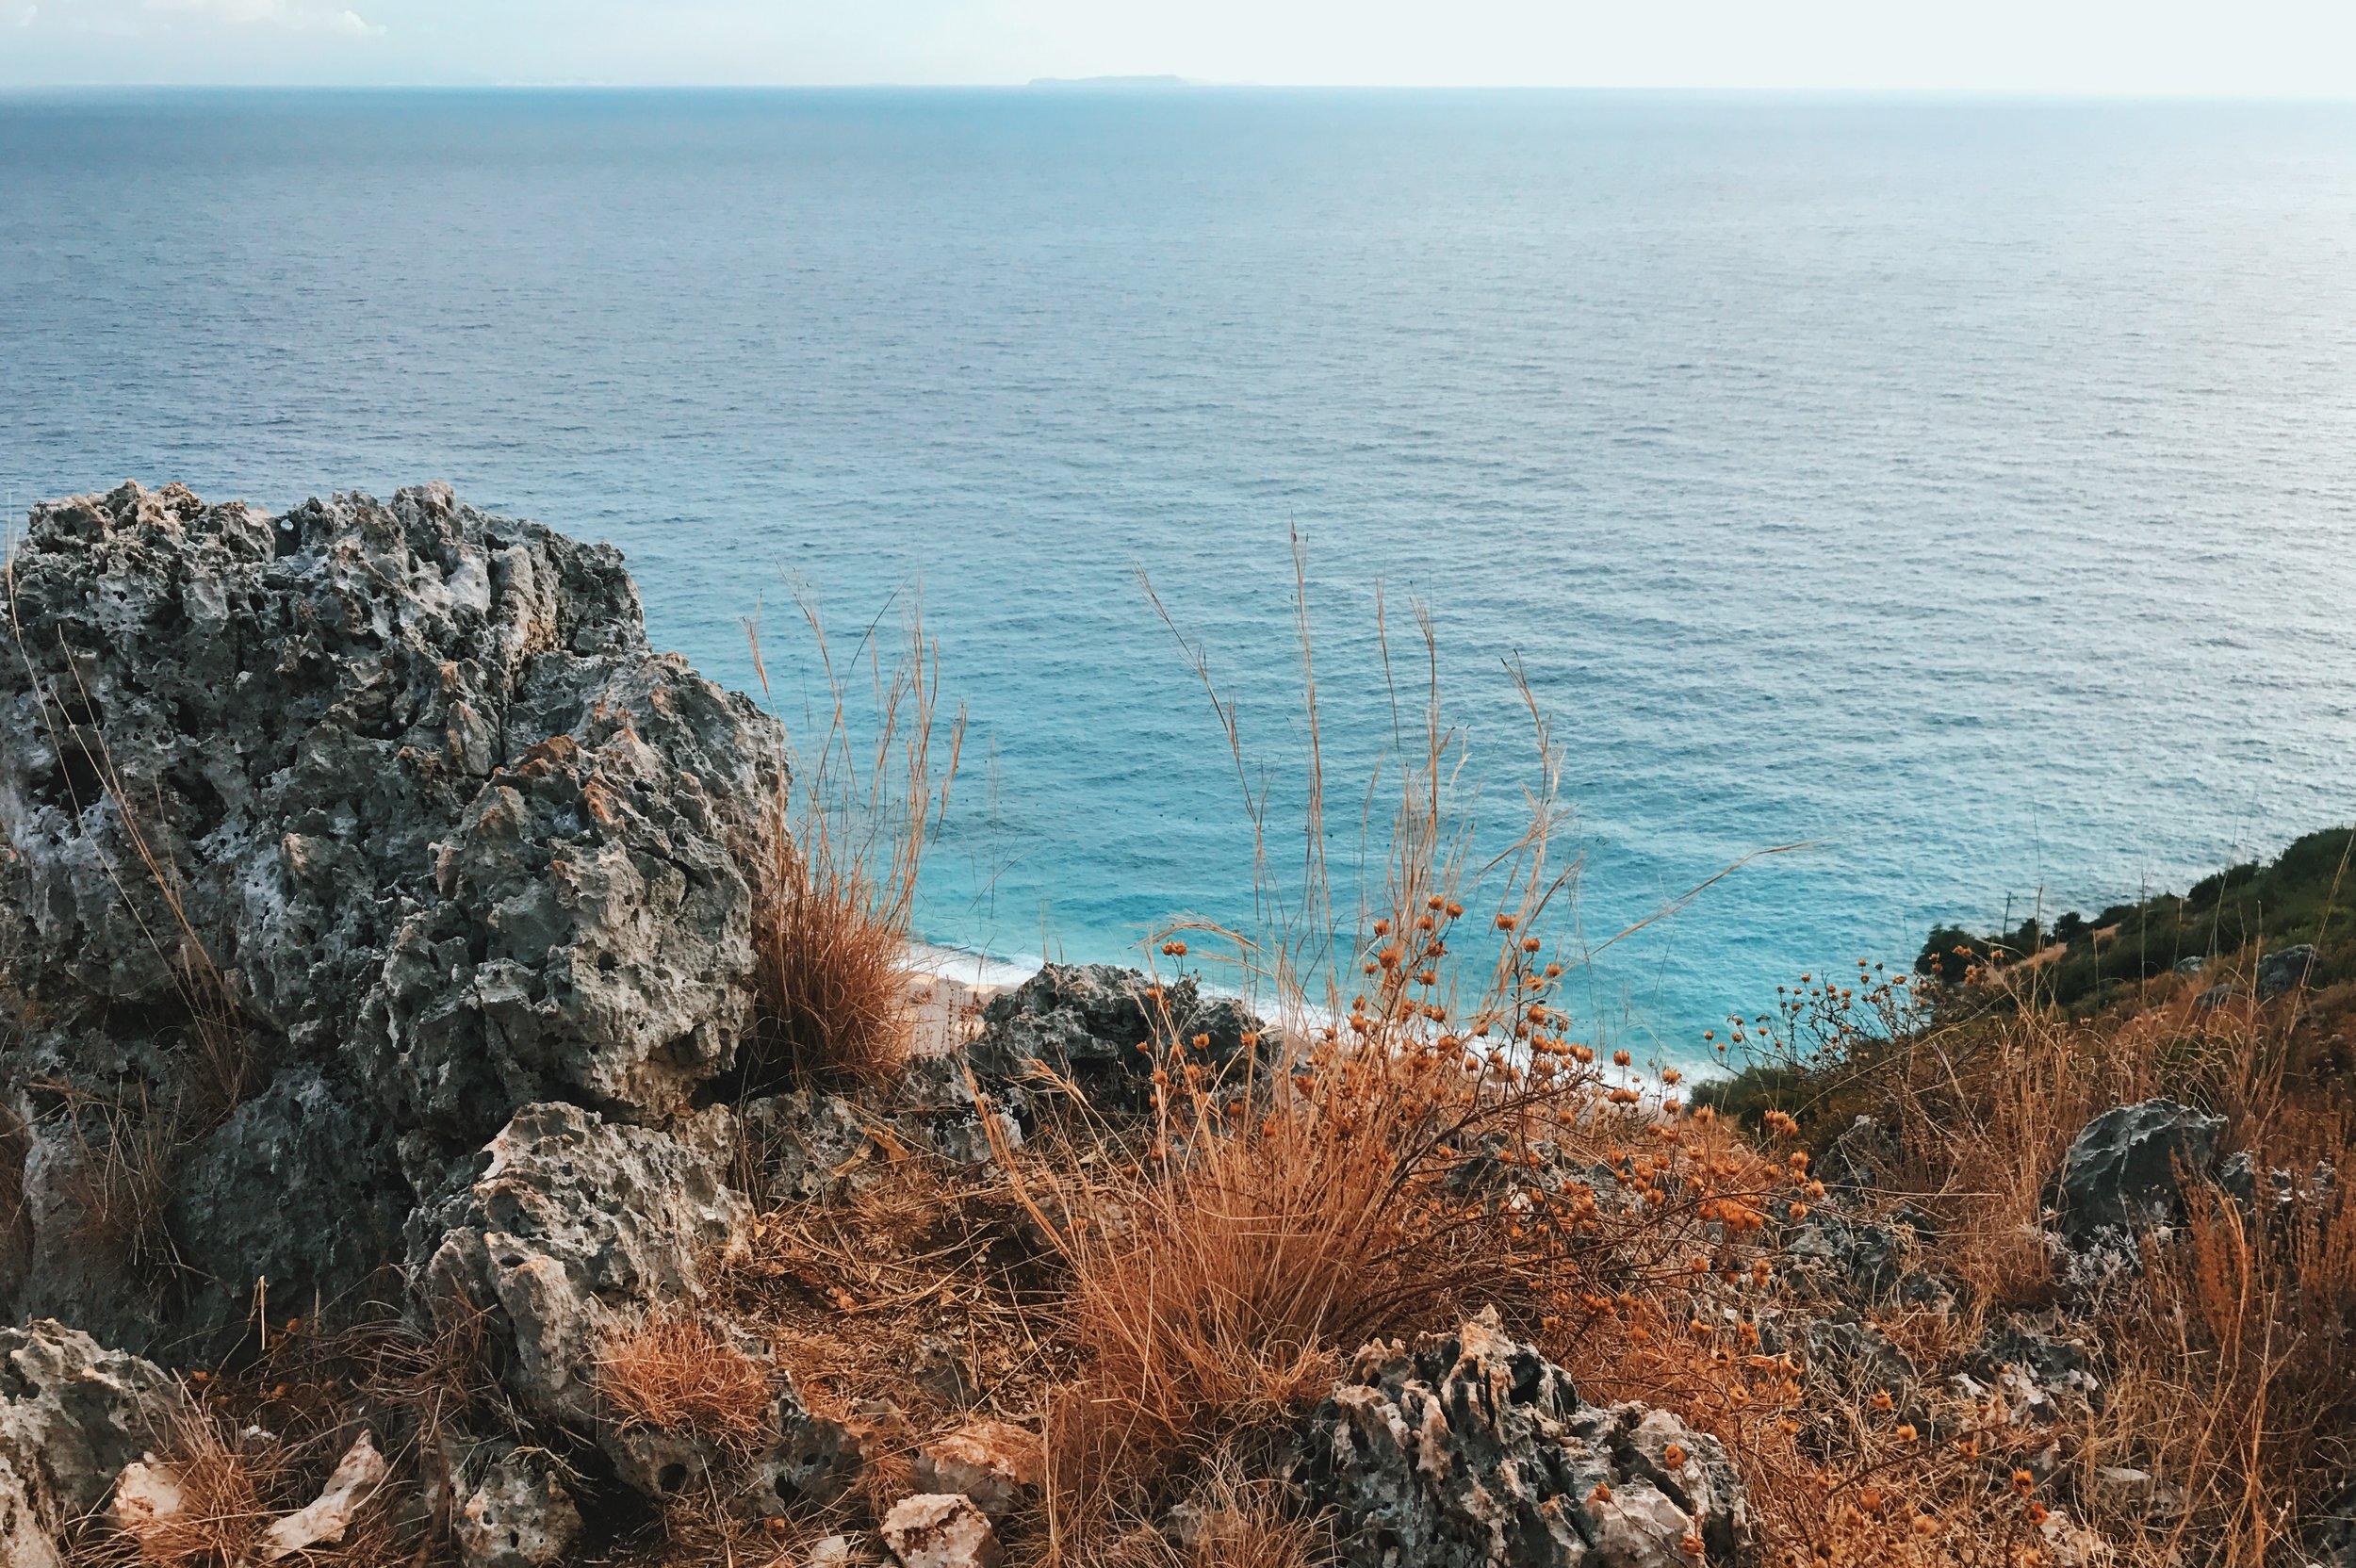 The ionic sea at Gjipe Beach, Albania